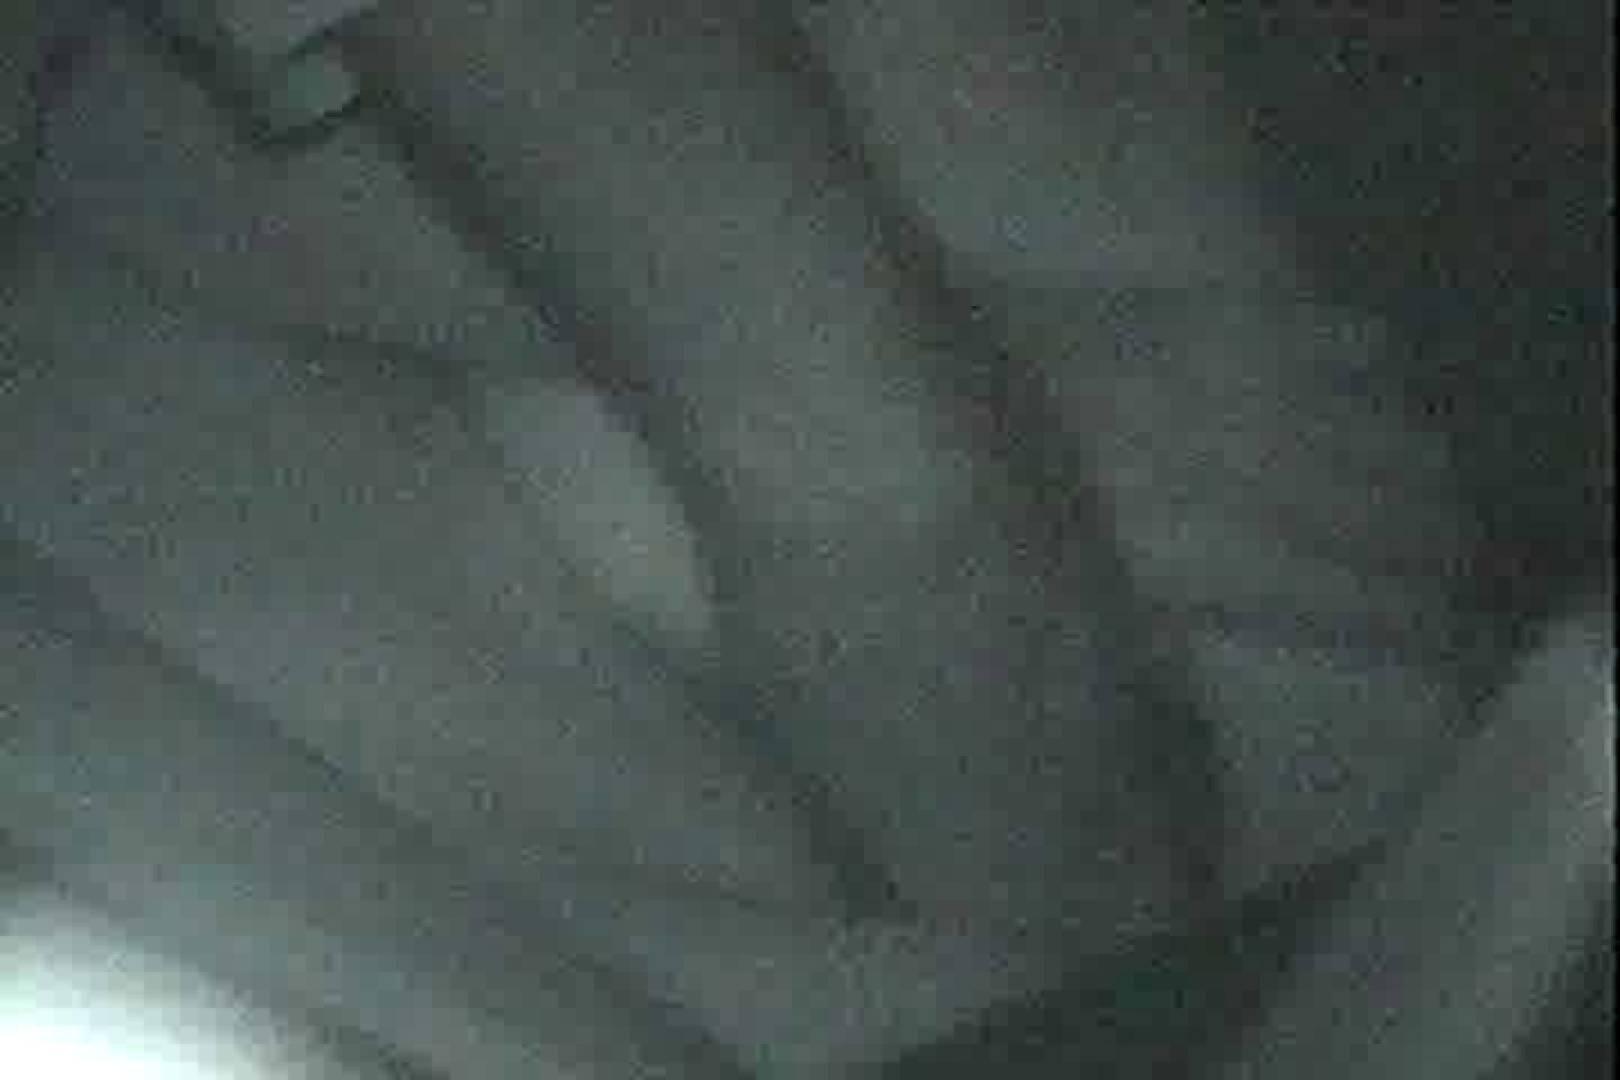 充血監督の深夜の運動会Vol.41 カップルのセックス   OLヌード天国  103PIX 9